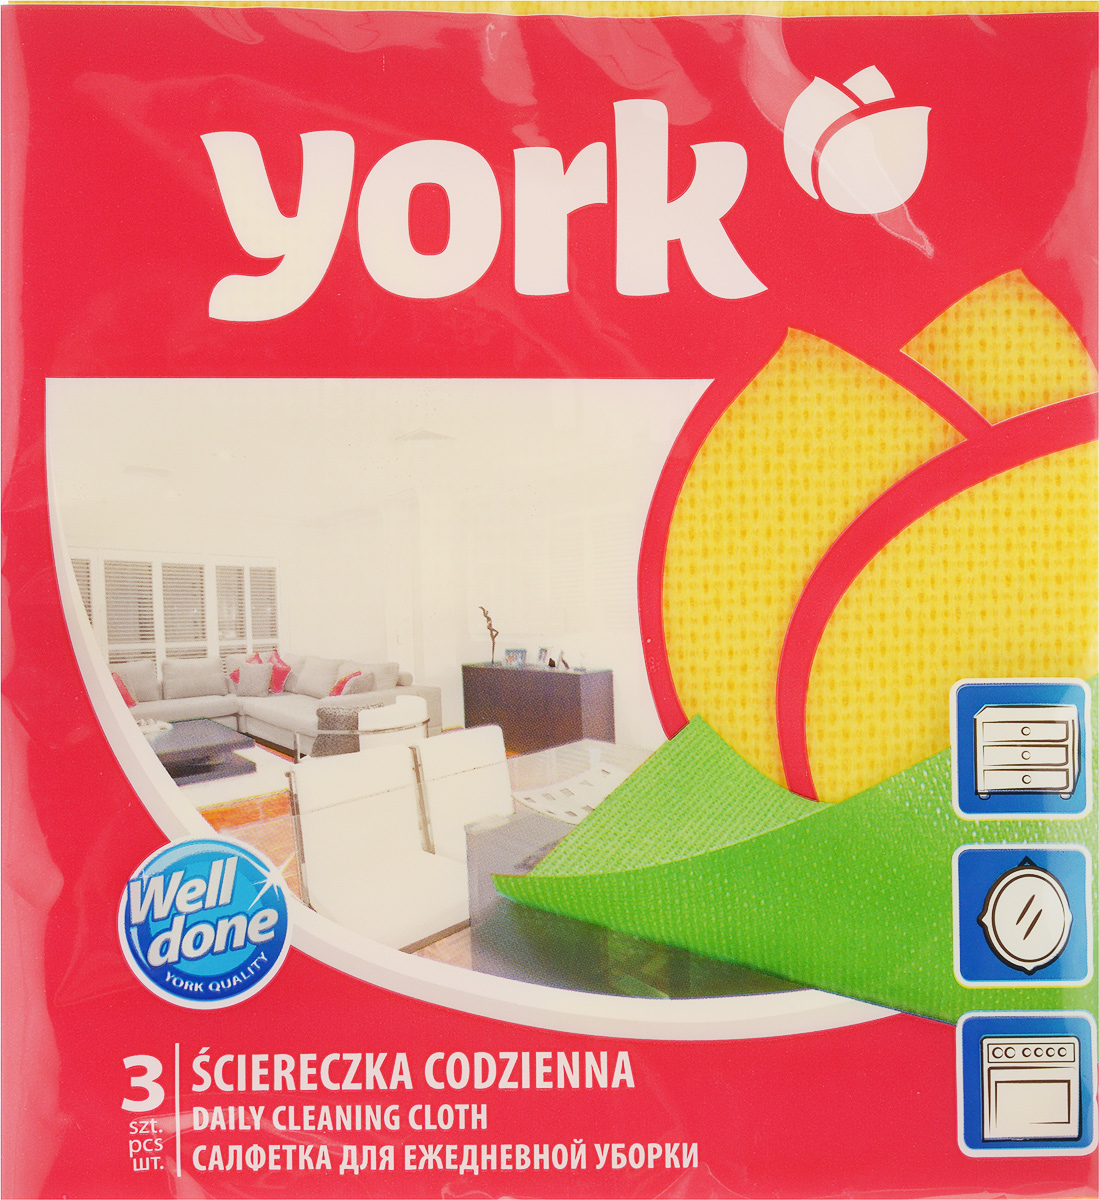 Салфетка для ежедневнойуборки York Ламбада, цвет: желтый, 37 х 40 см, 3 шт2106_желтыйУниверсальная салфетка York Ламбада предназначена для мытья, протирания и полировки различных поверхностей. Салфетка, выполненная из вискозы, отличается высокой прочностью. Салфетка хорошо поглощает влагу. Идеальна для ухода за столешницами и раковиной, а также для мытья посуды. Может использоваться в сухом и влажном виде.В комплекте 3 салфетки.Размер салфетки: 37 х 40 см.